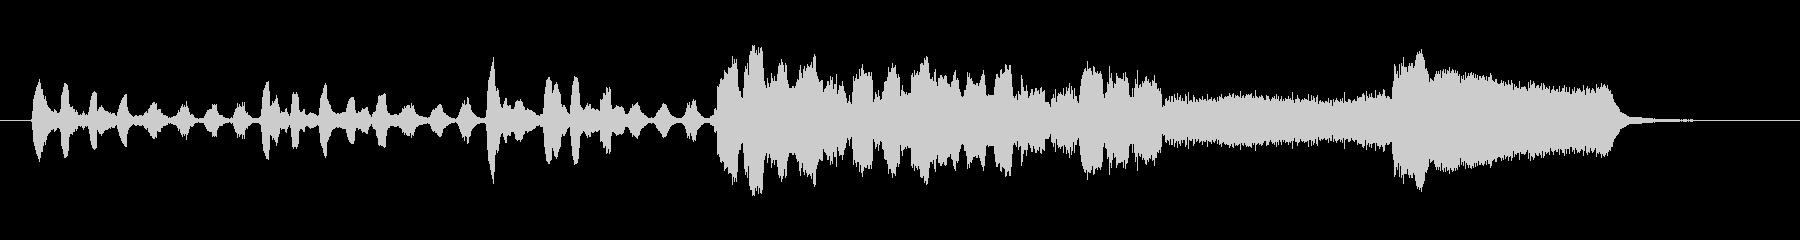 生演奏リコーダーでシンキングタイムの未再生の波形